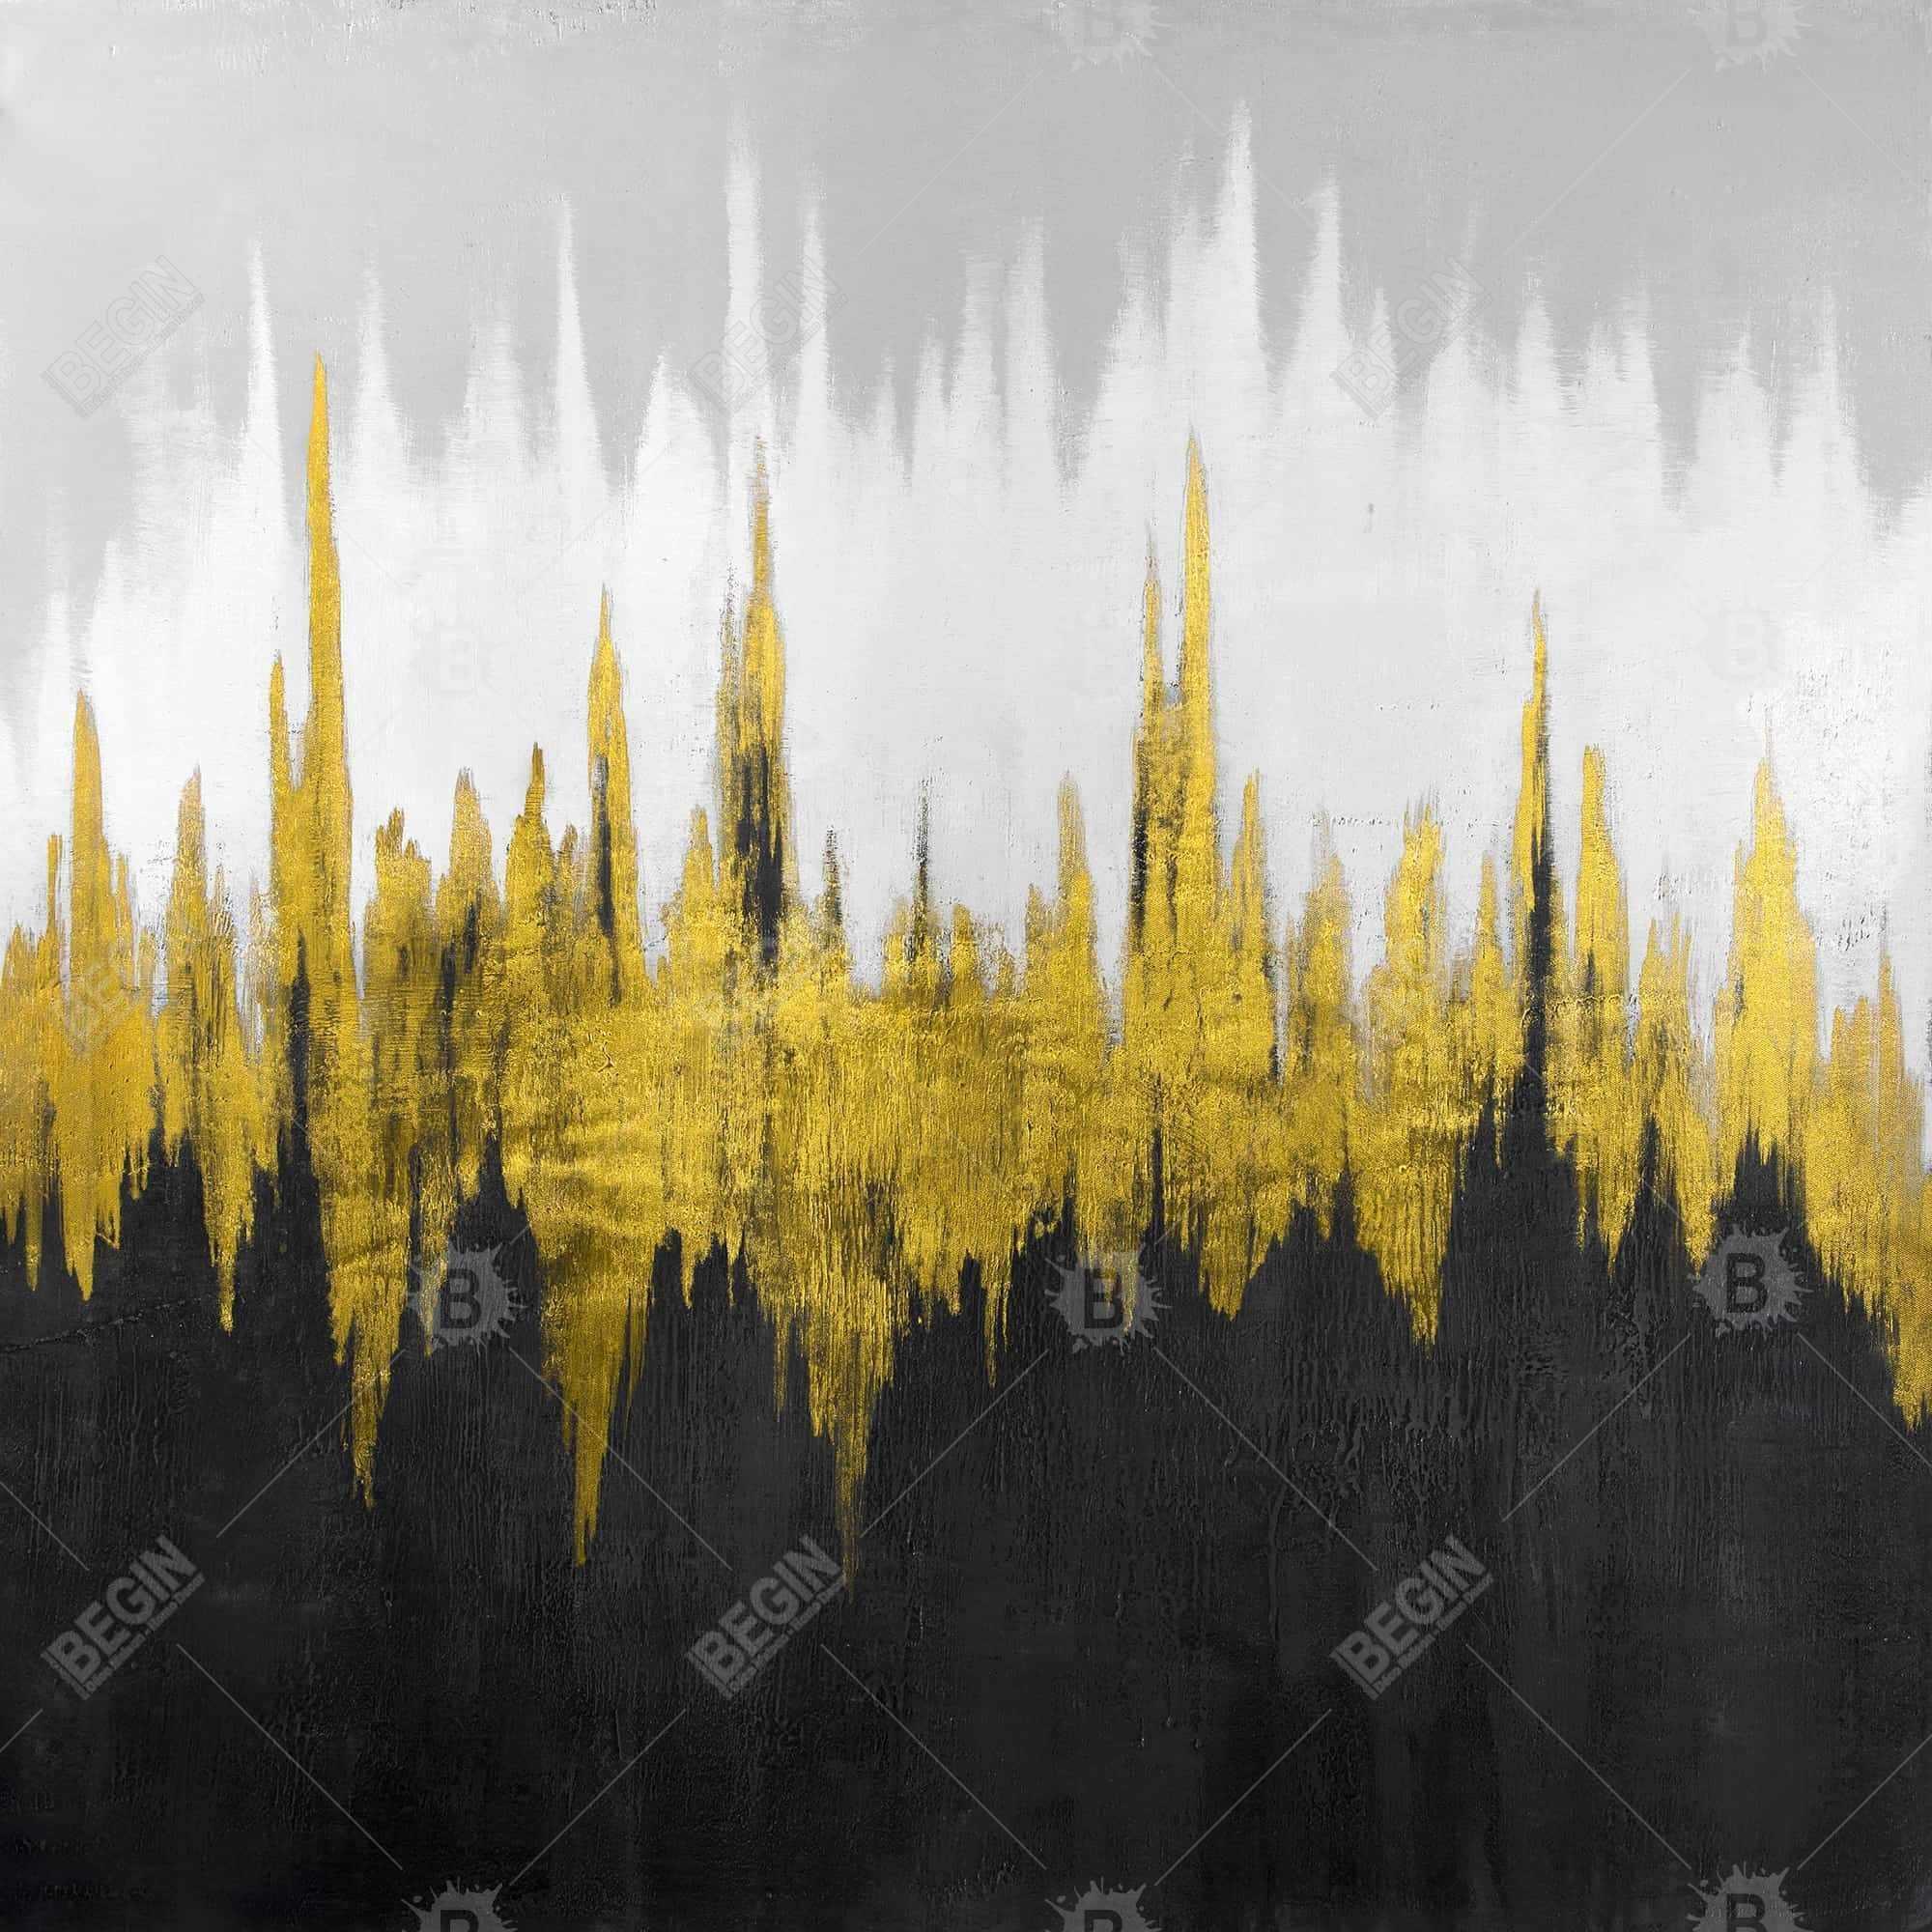 Golden zigzag